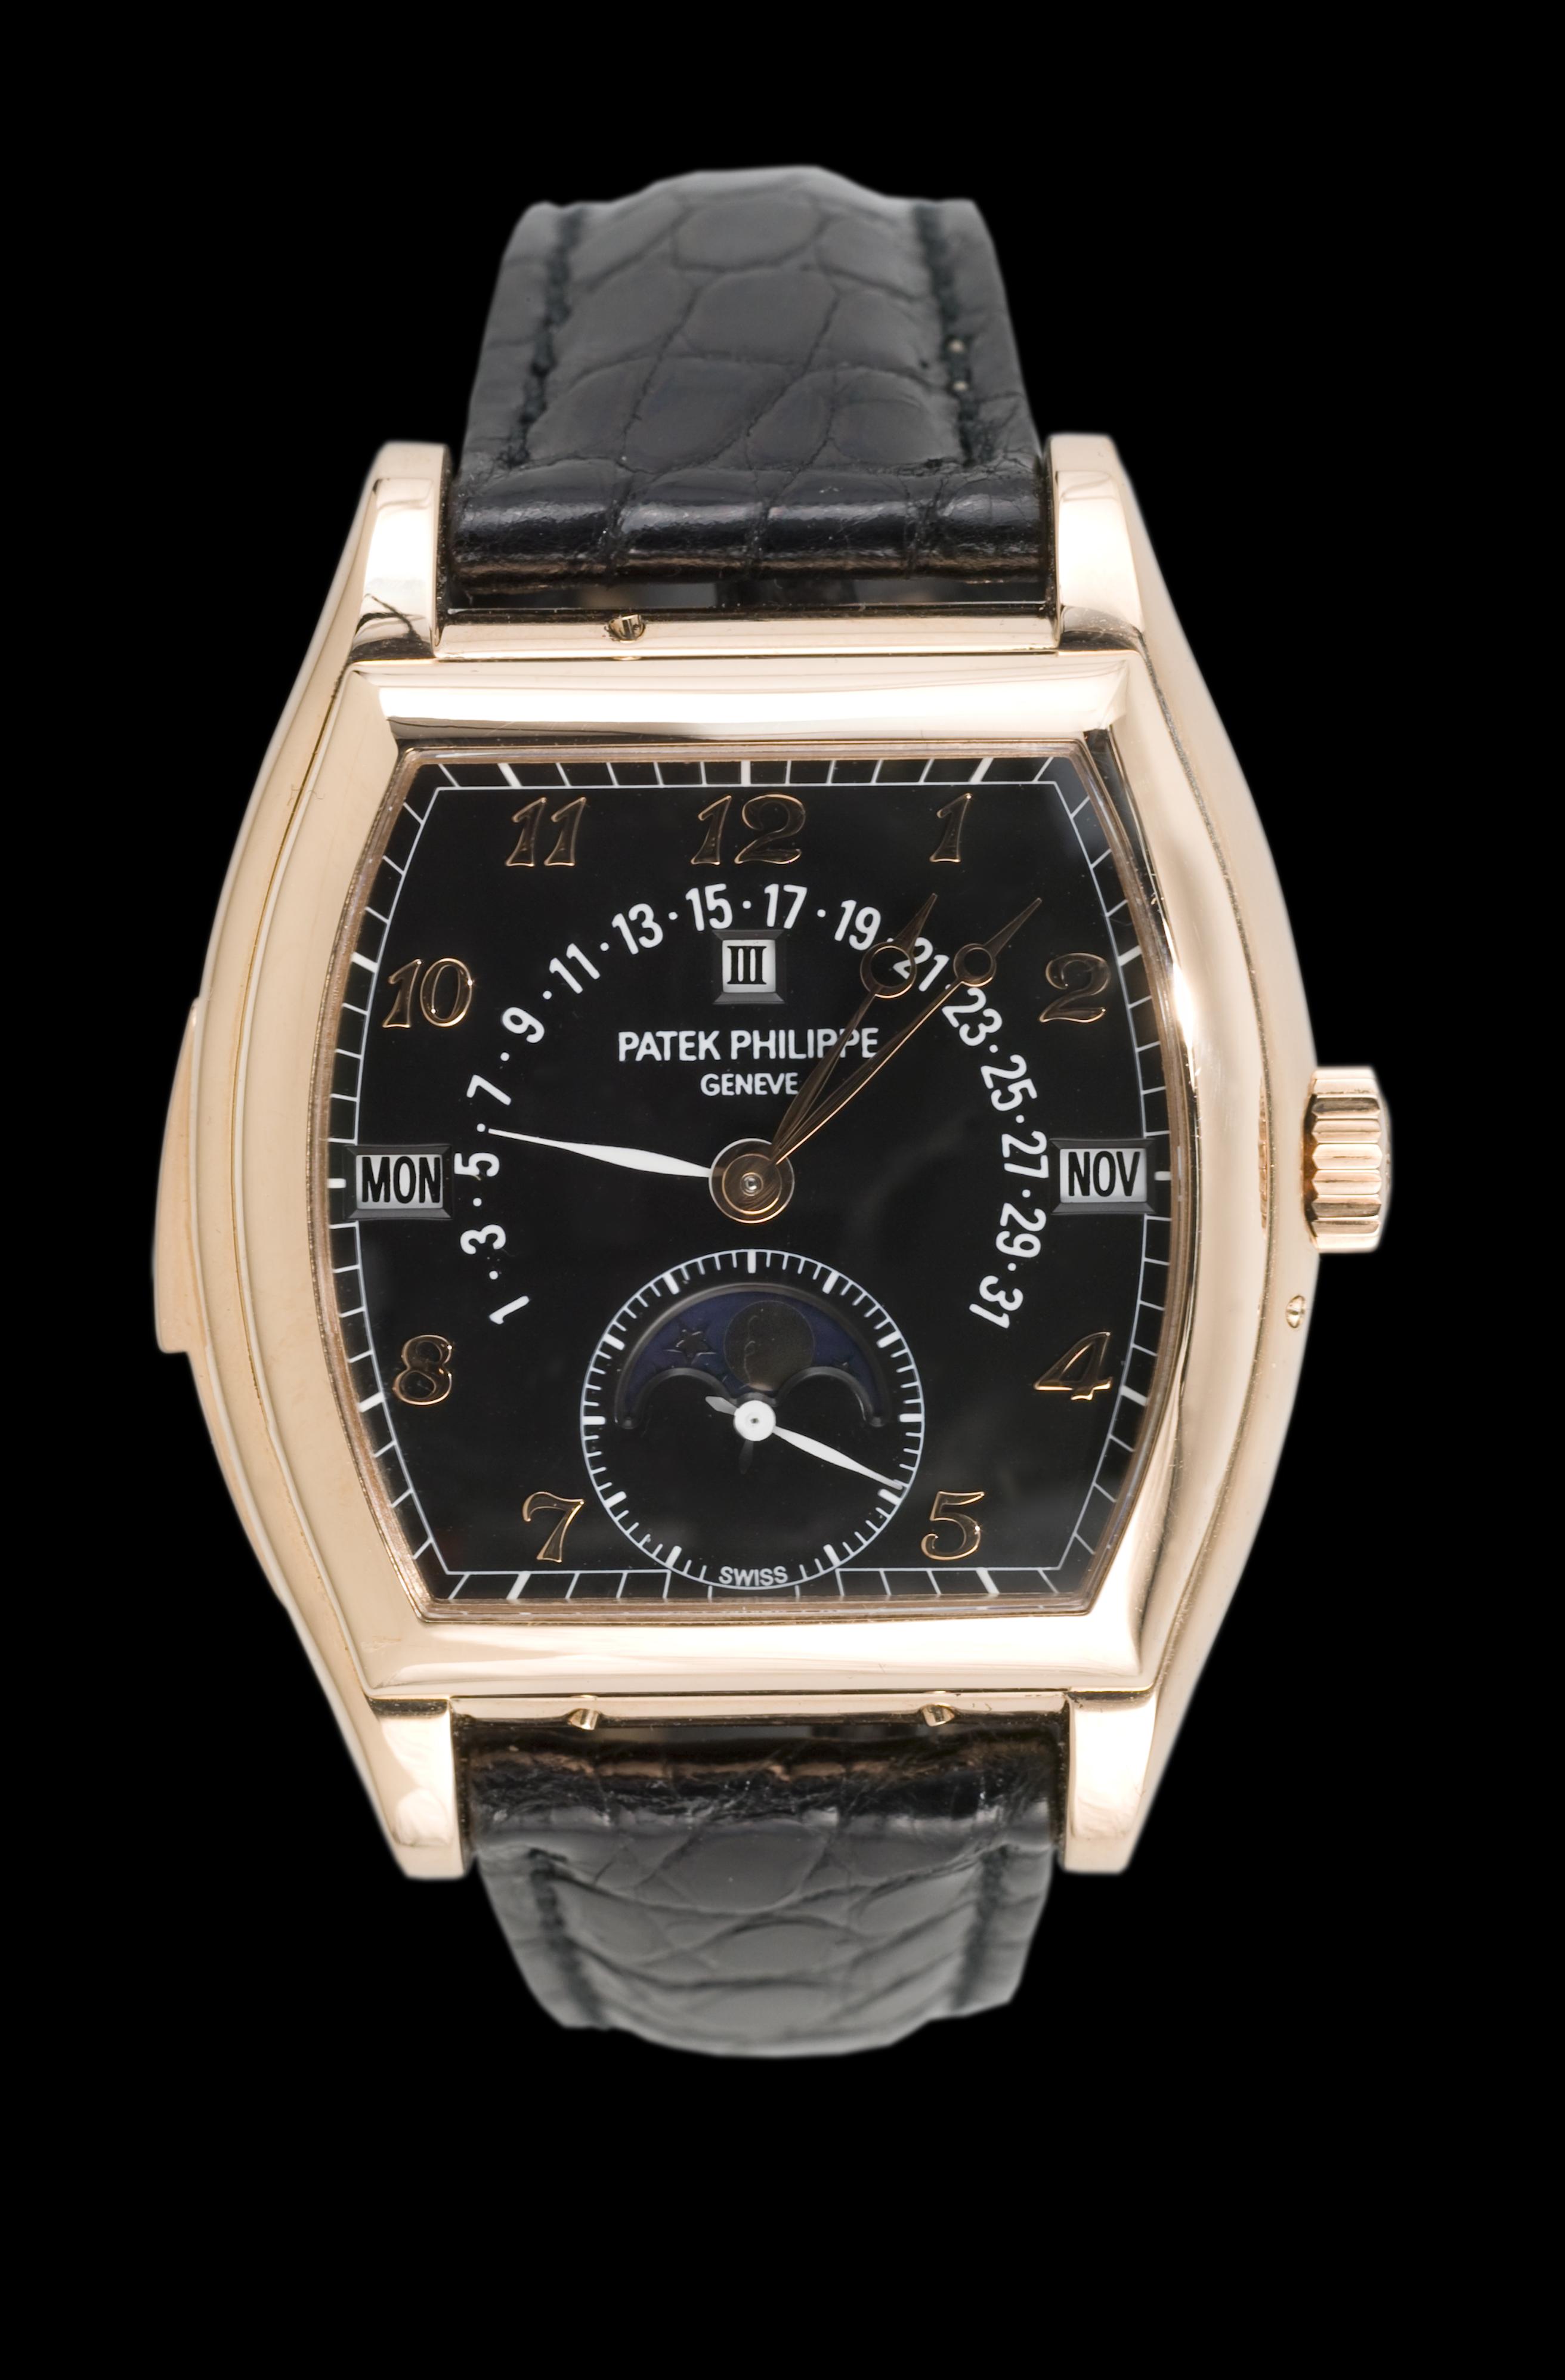 Patek Philippe 5013 R